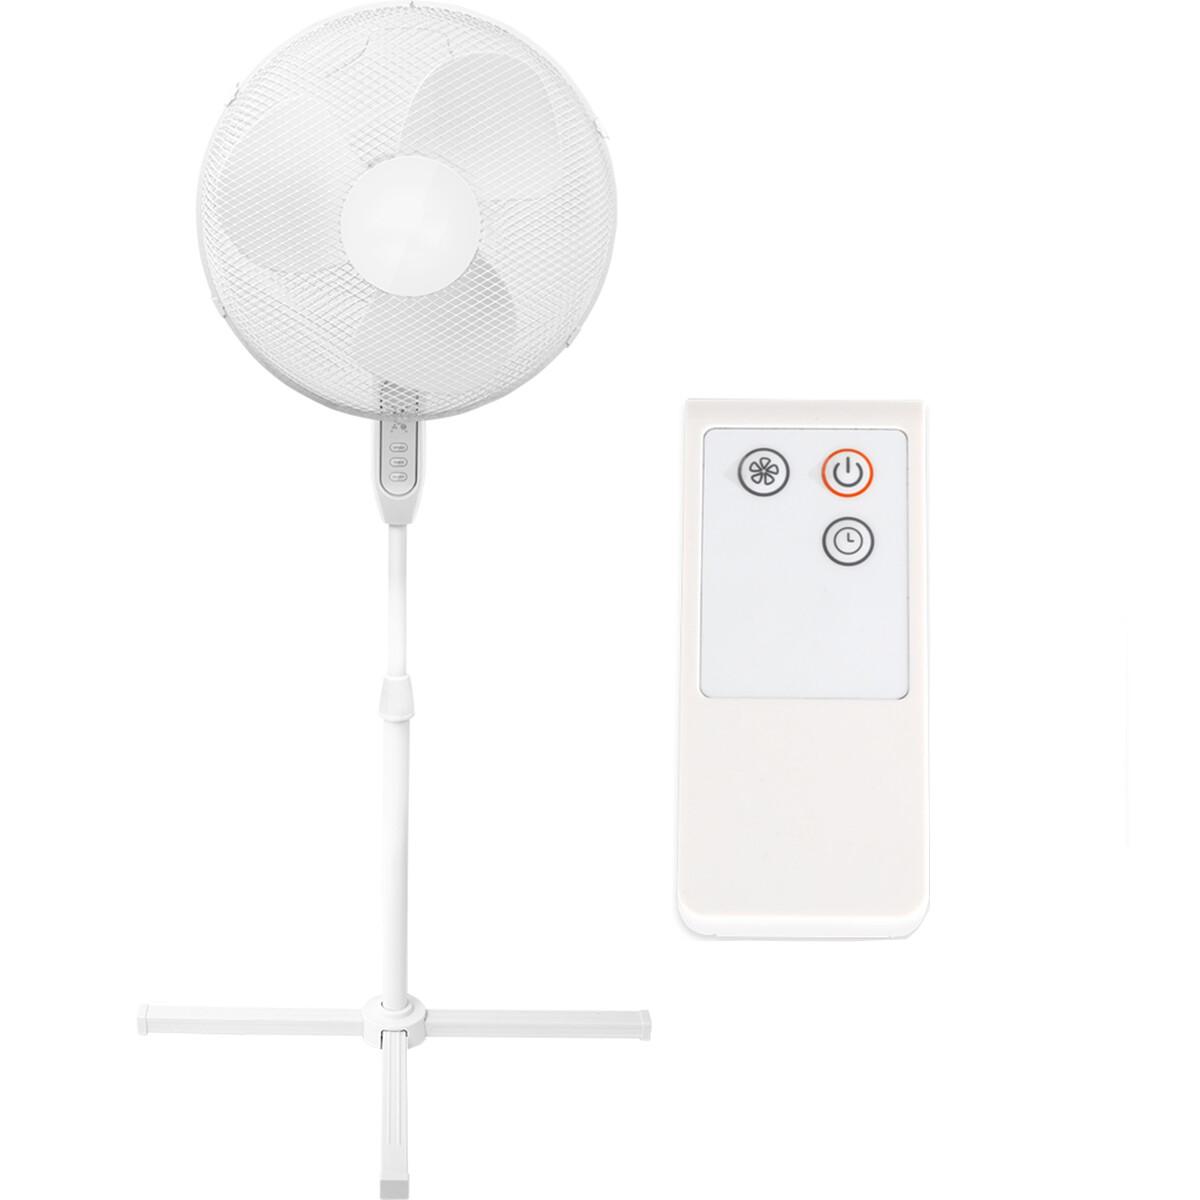 Ventilator - Aigi Lunom - Statiefventilator - Afstandsbediening - Staand - Rond - Mat Wit - Kunststo